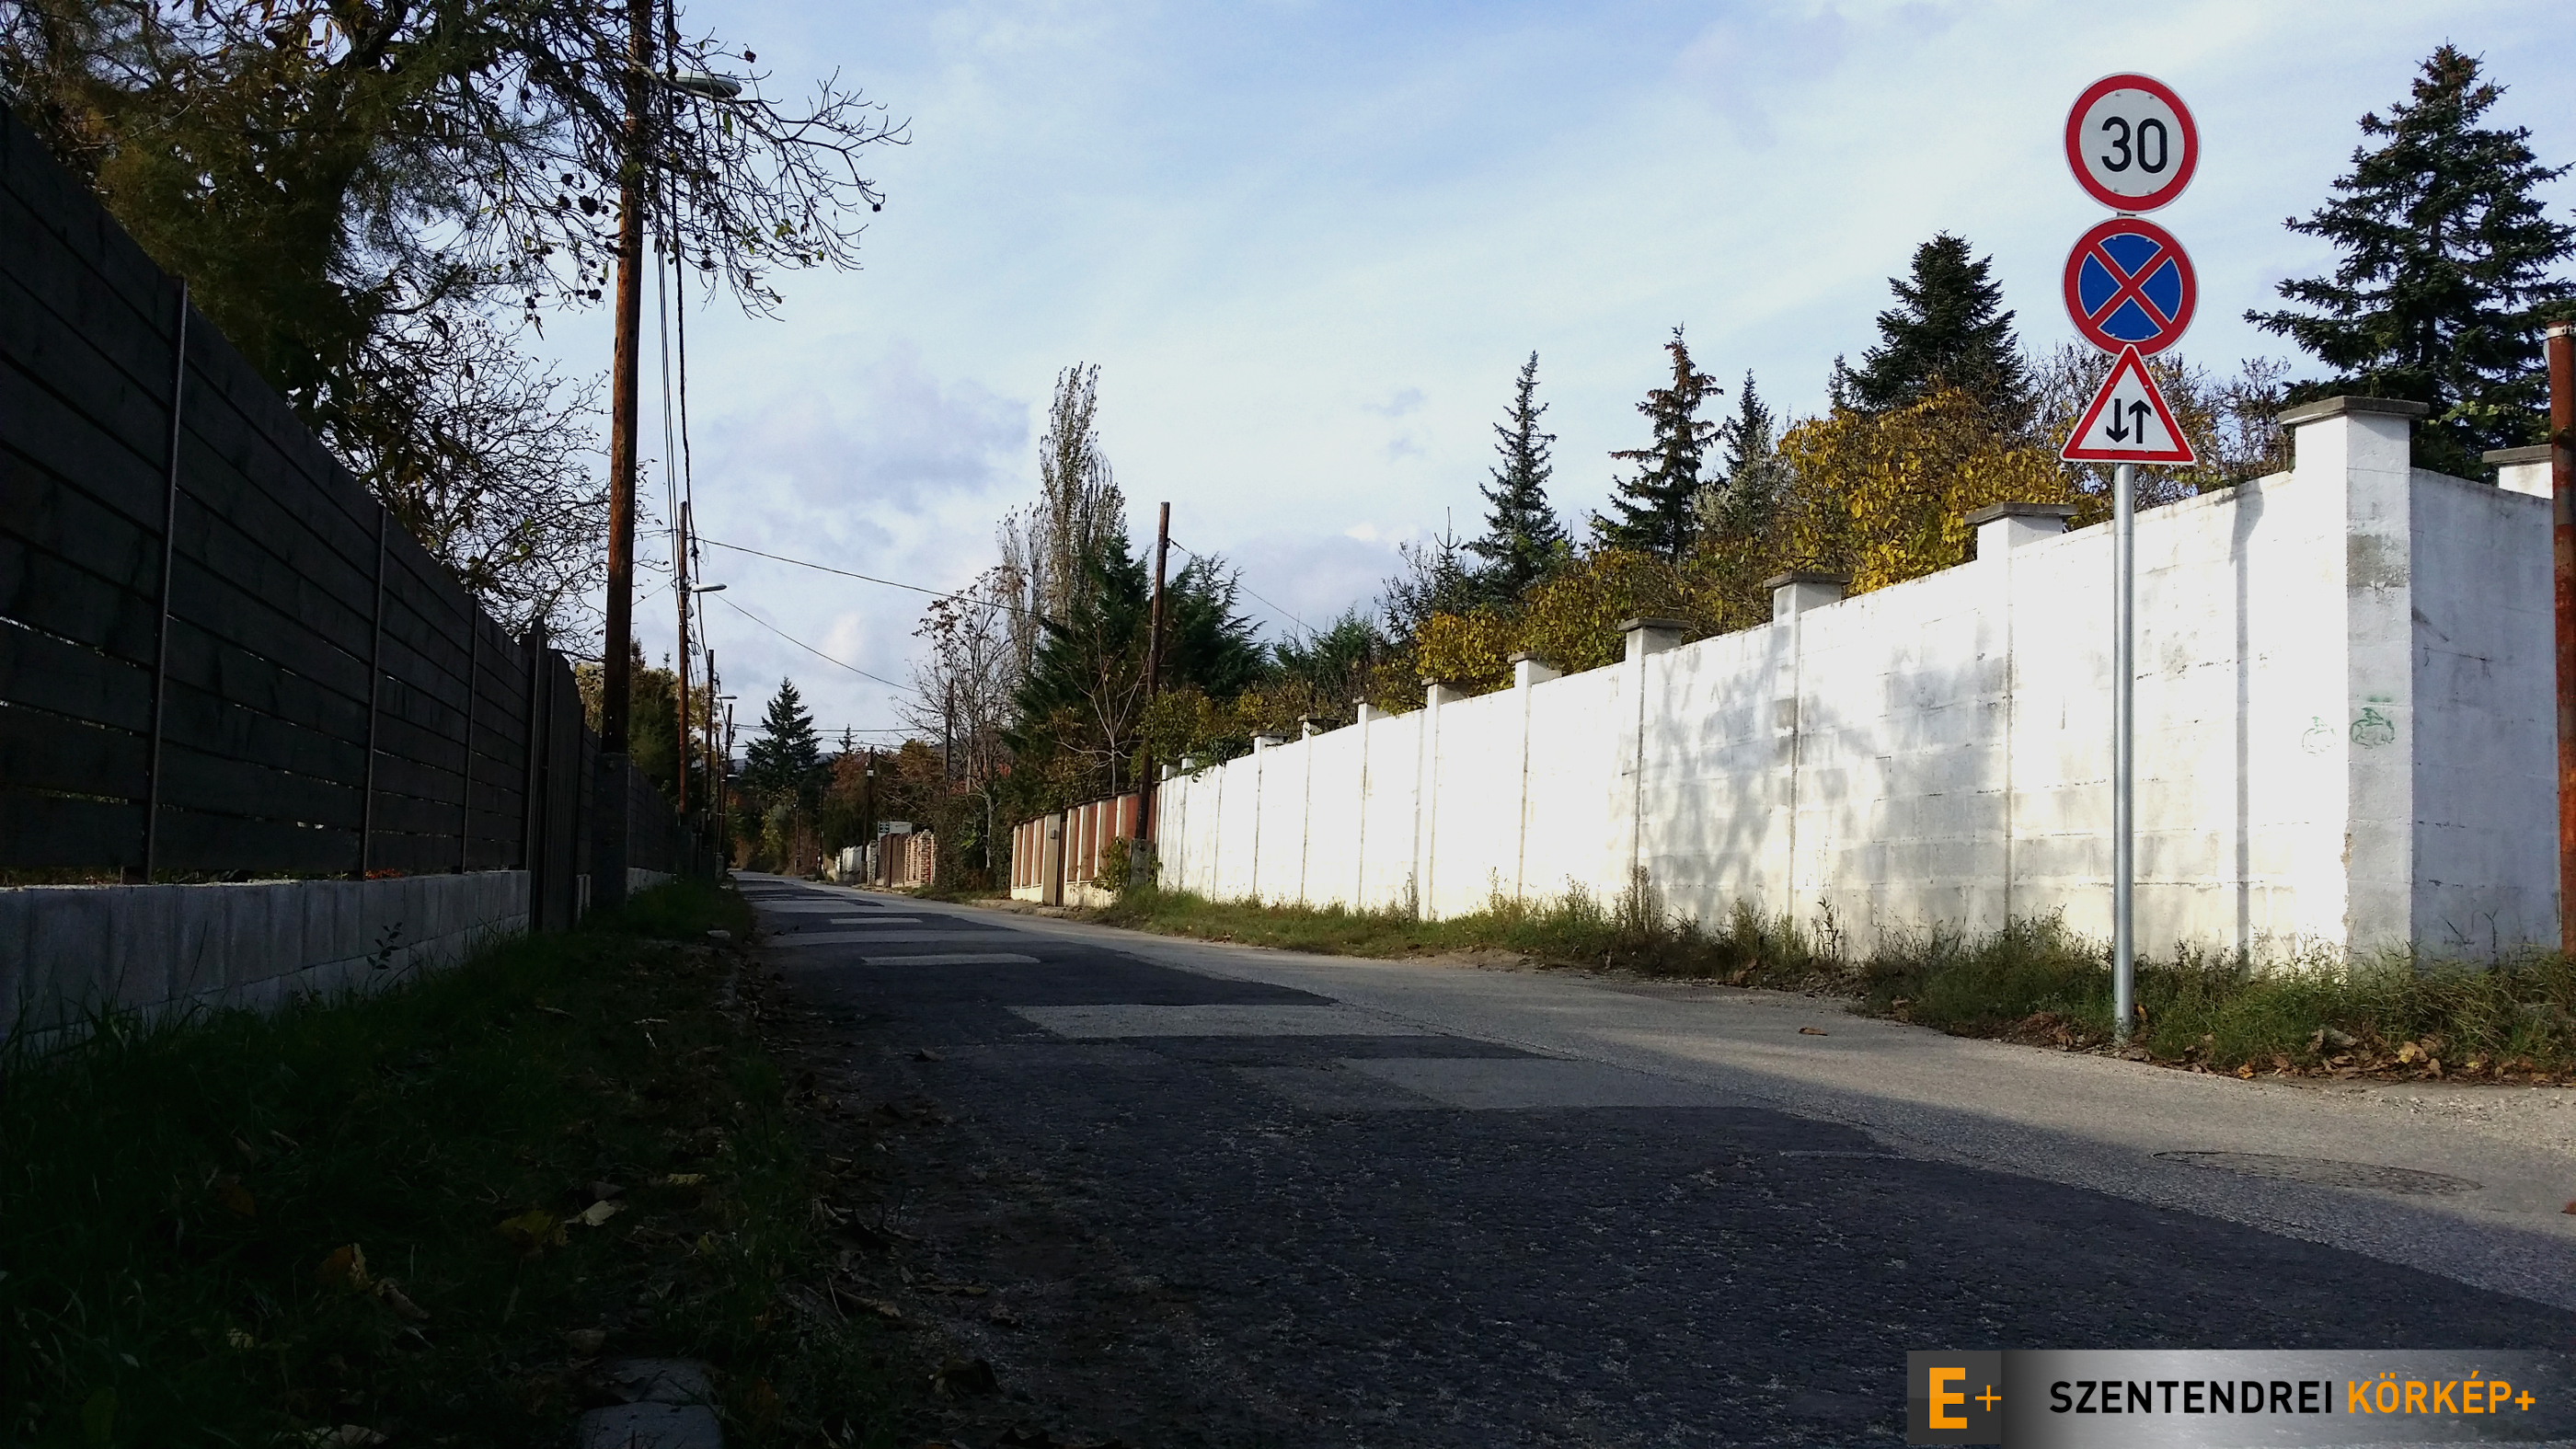 Csőtörés az Egres úton: holnap víz, vasárnapig buszközlekedés sem lesz